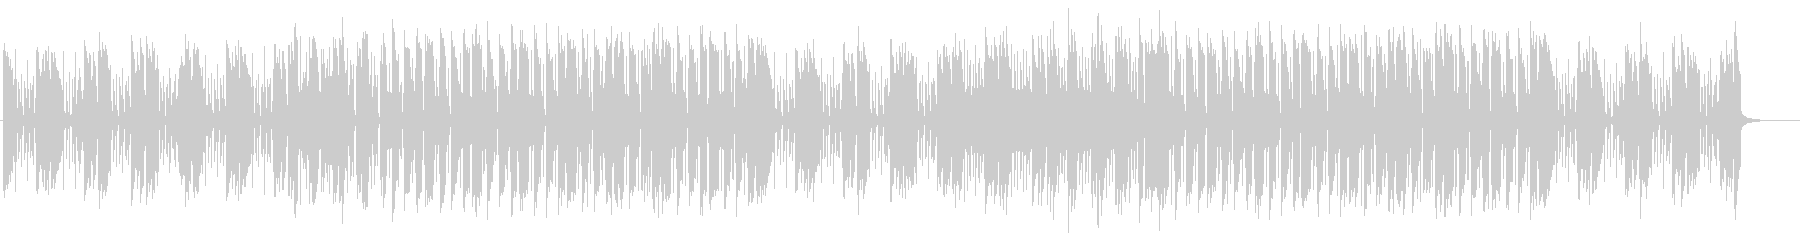 ドタバタ、ちょっとしたケンカのBGMの未再生の波形